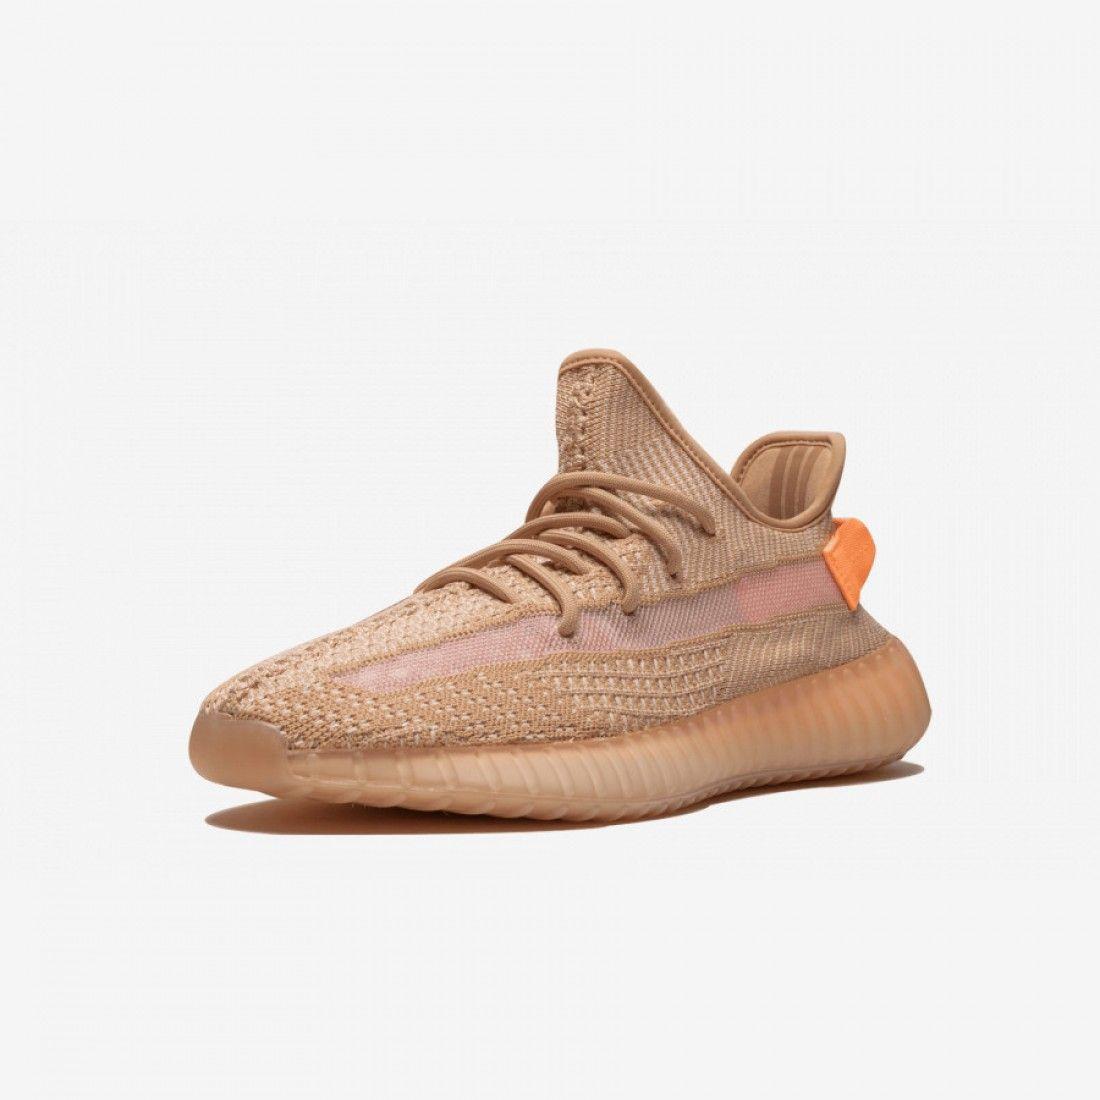 Adidas Yeezy Boost 350 V2 CLAY EG7490 Orange ClayClayClay